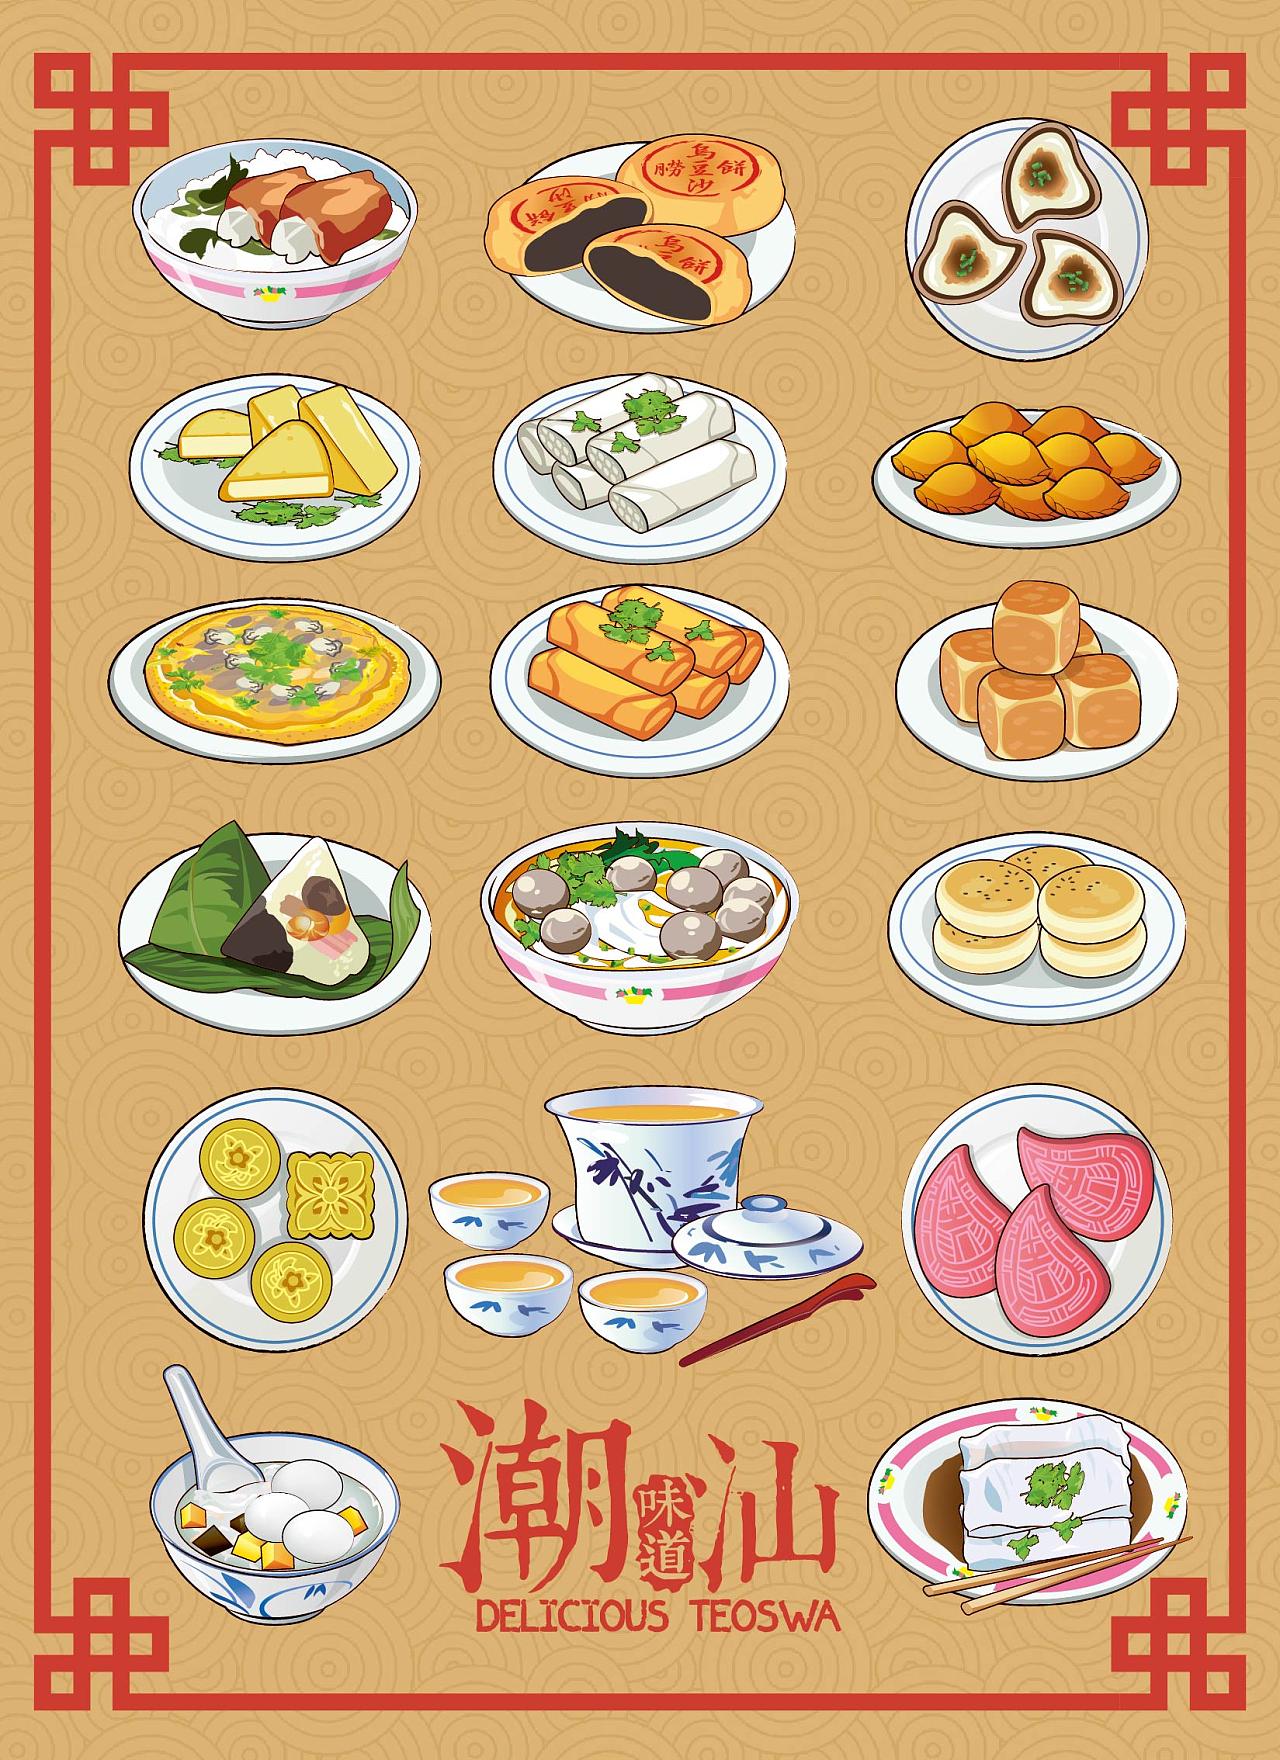 潮汕美食logo